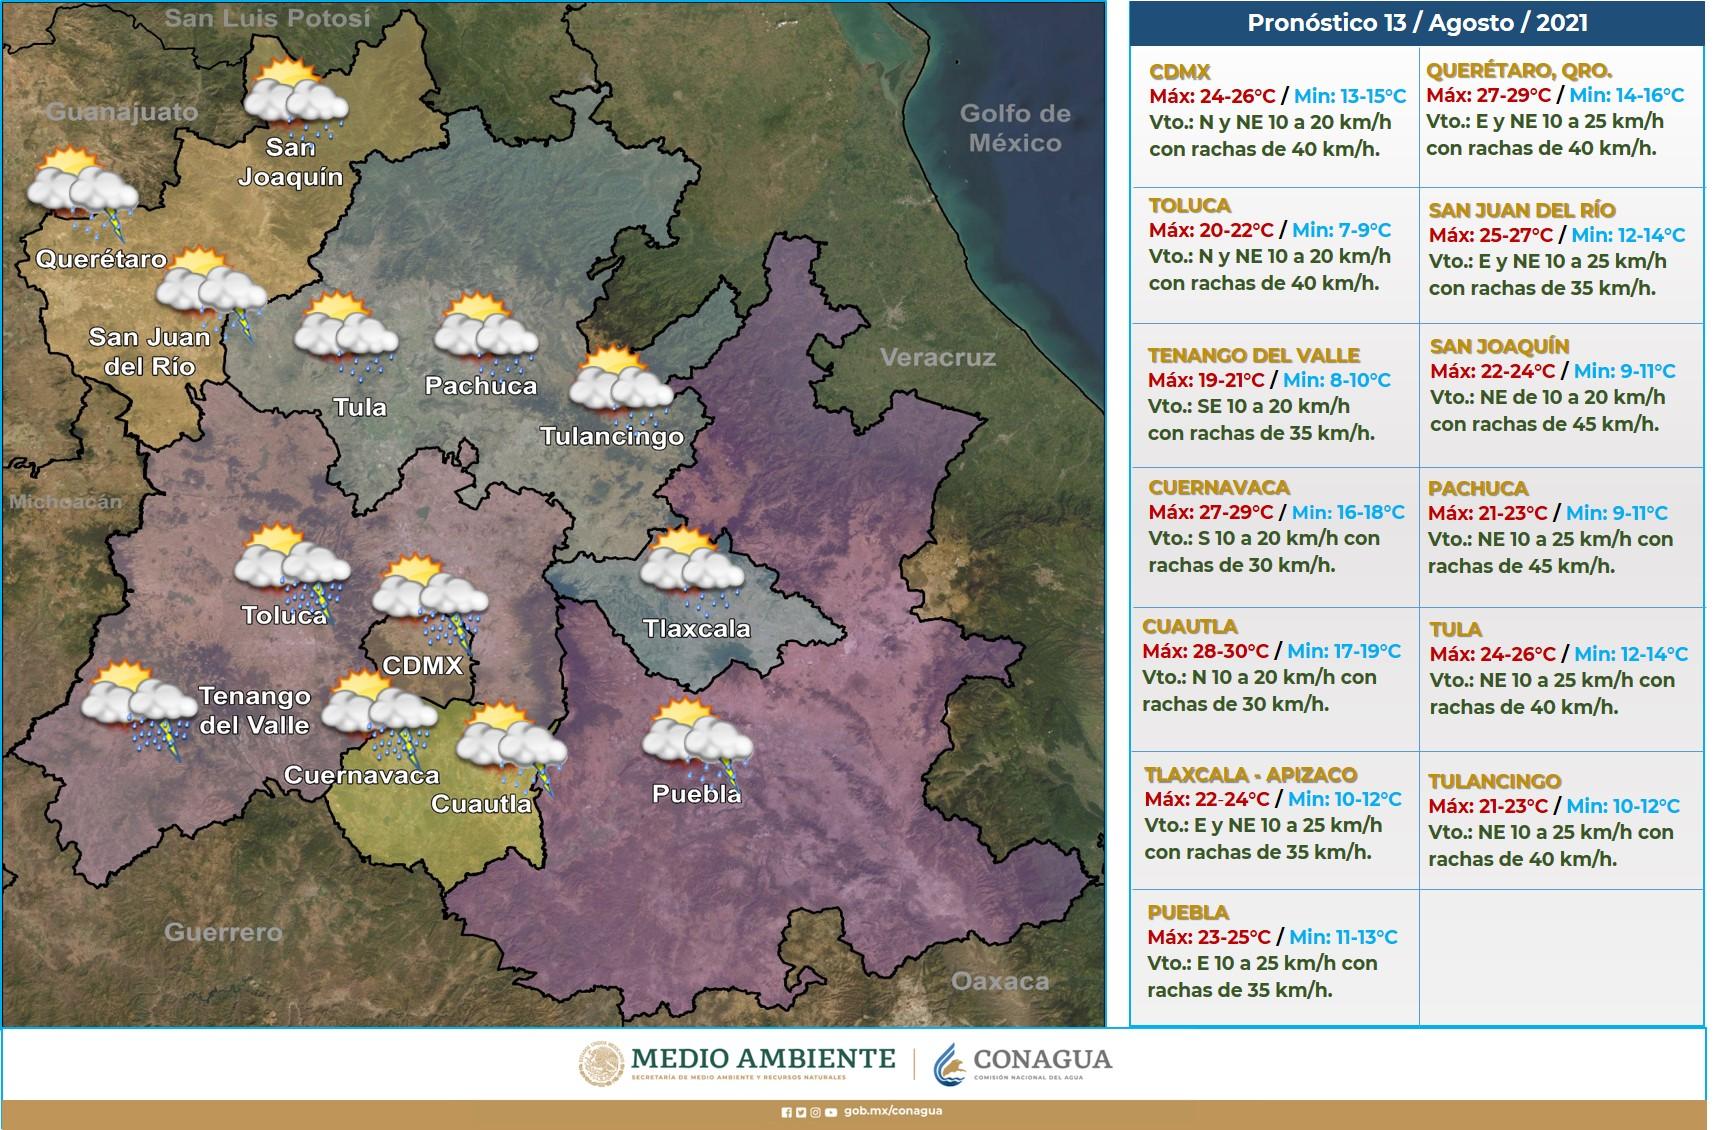 clima en toluca para viernes 13 de agosto